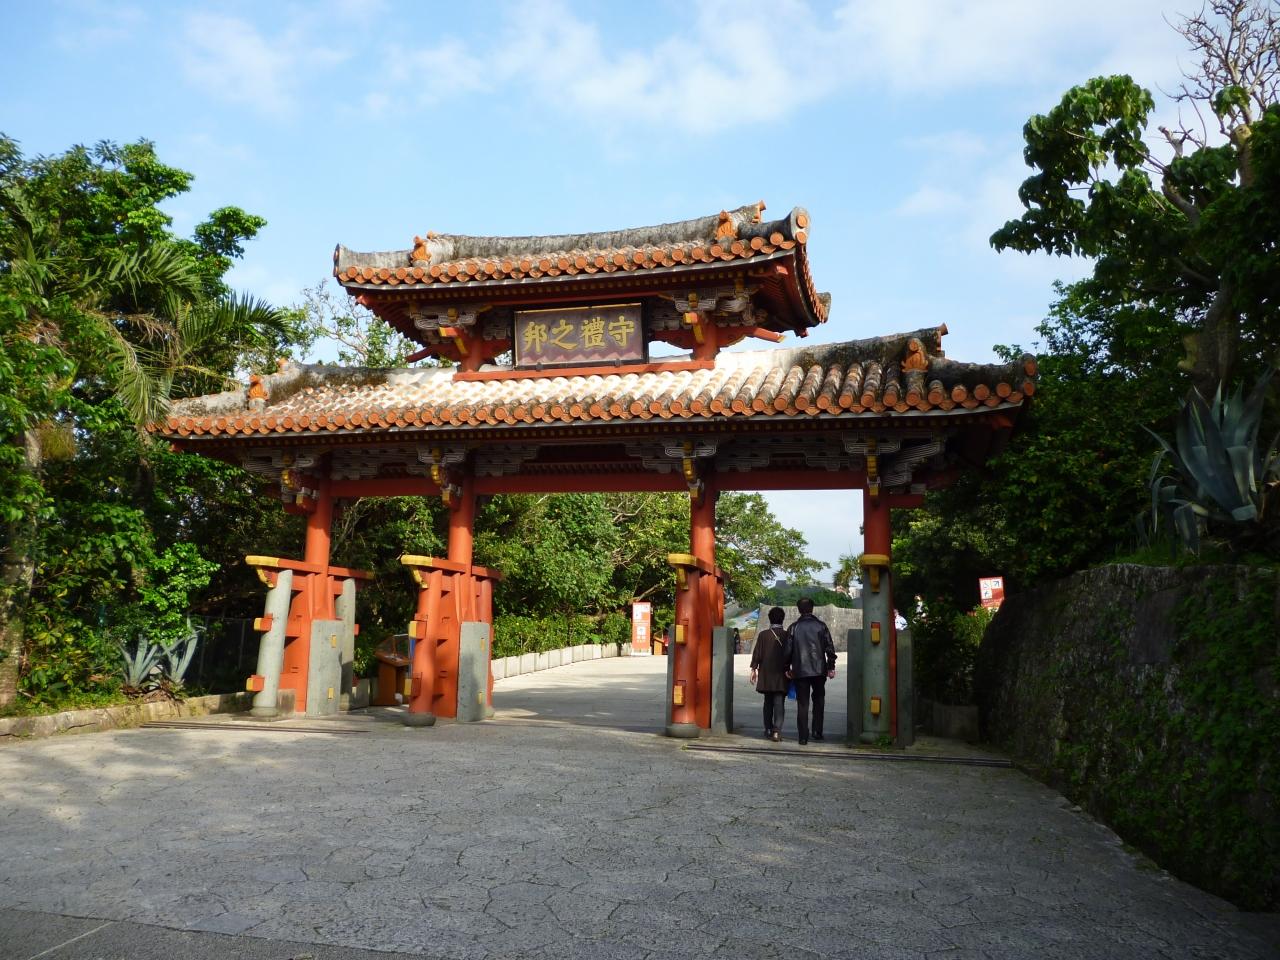 沖縄の歴史遺産(城跡を中心に)と、冬の海岸をめぐる旅